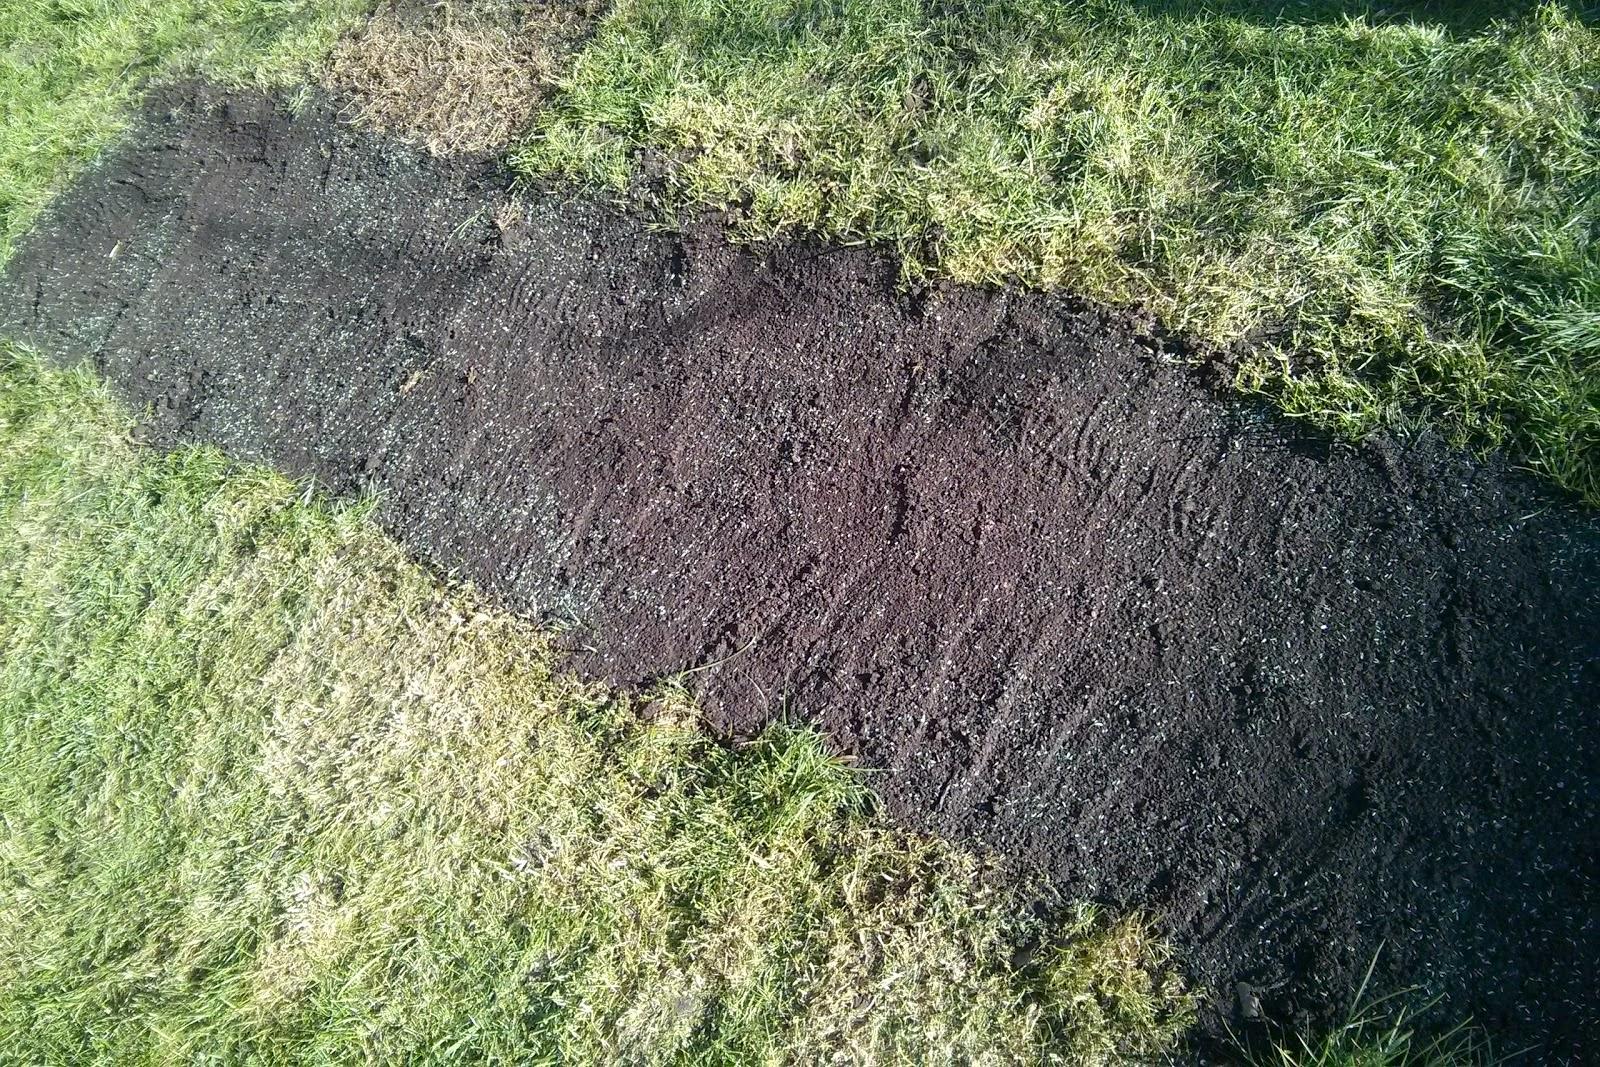 Mud Strip in Lawn